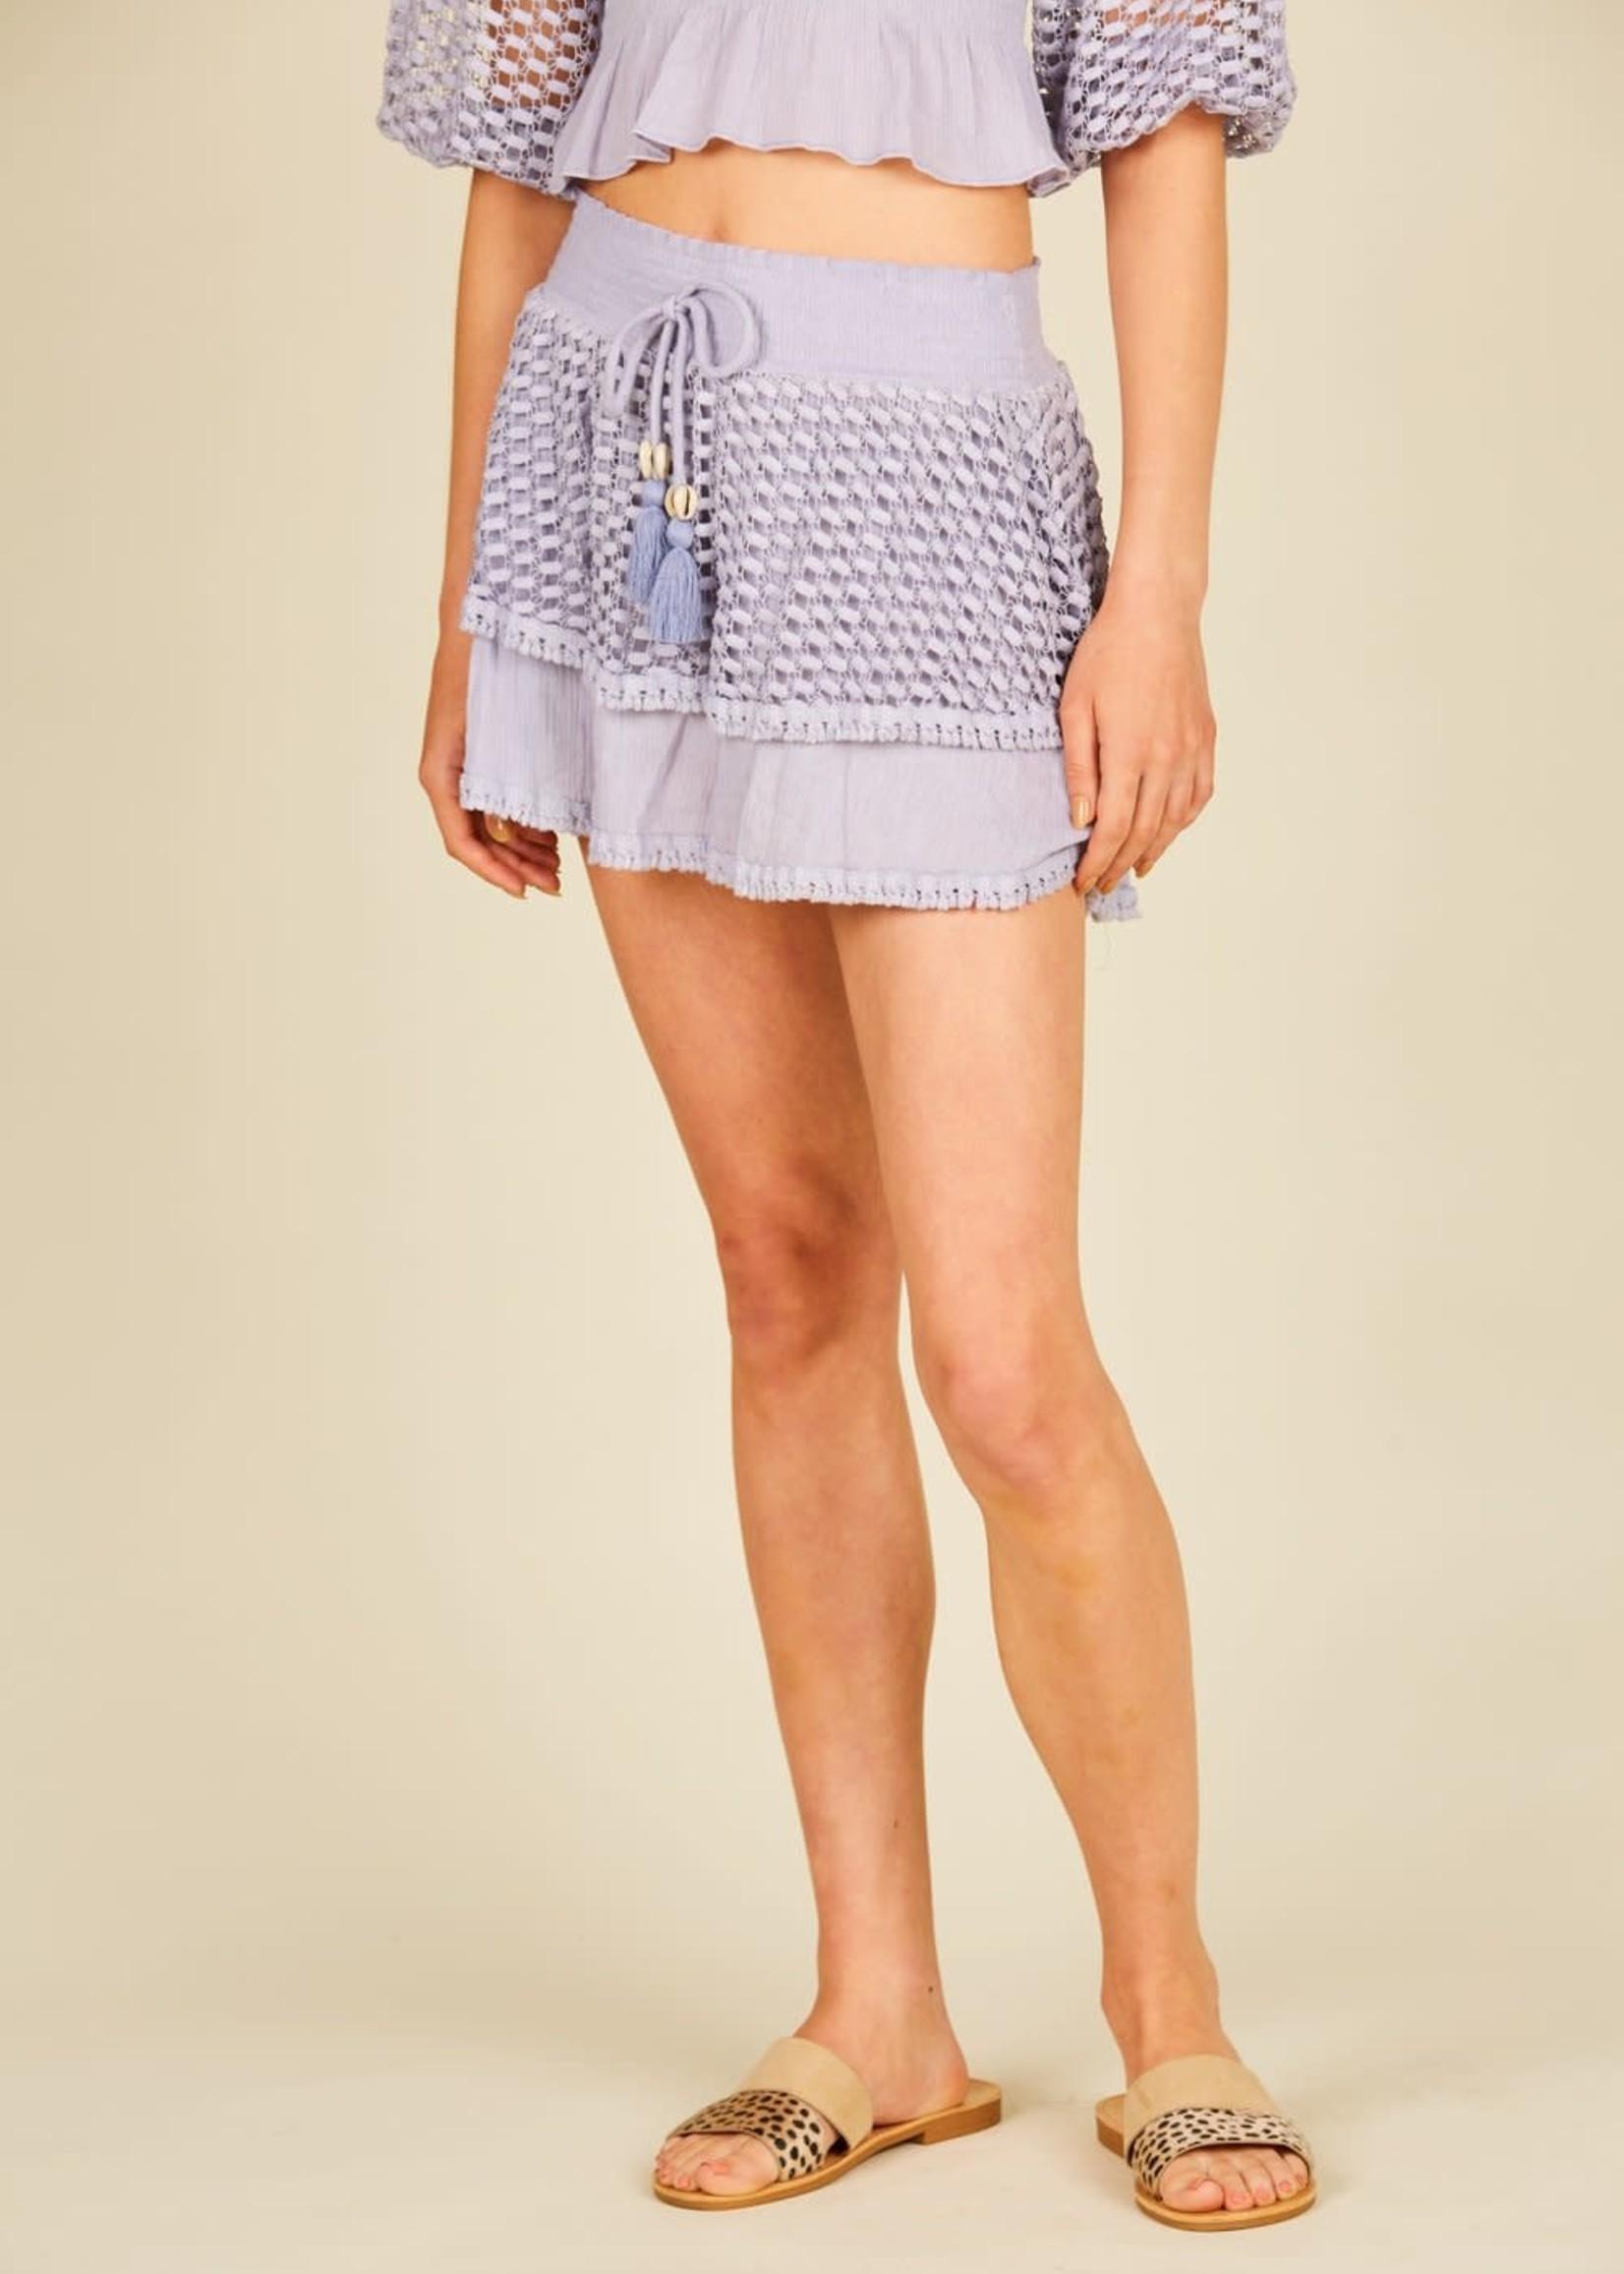 Surf Gypsy Dusty Lavender Eyelet Skirt